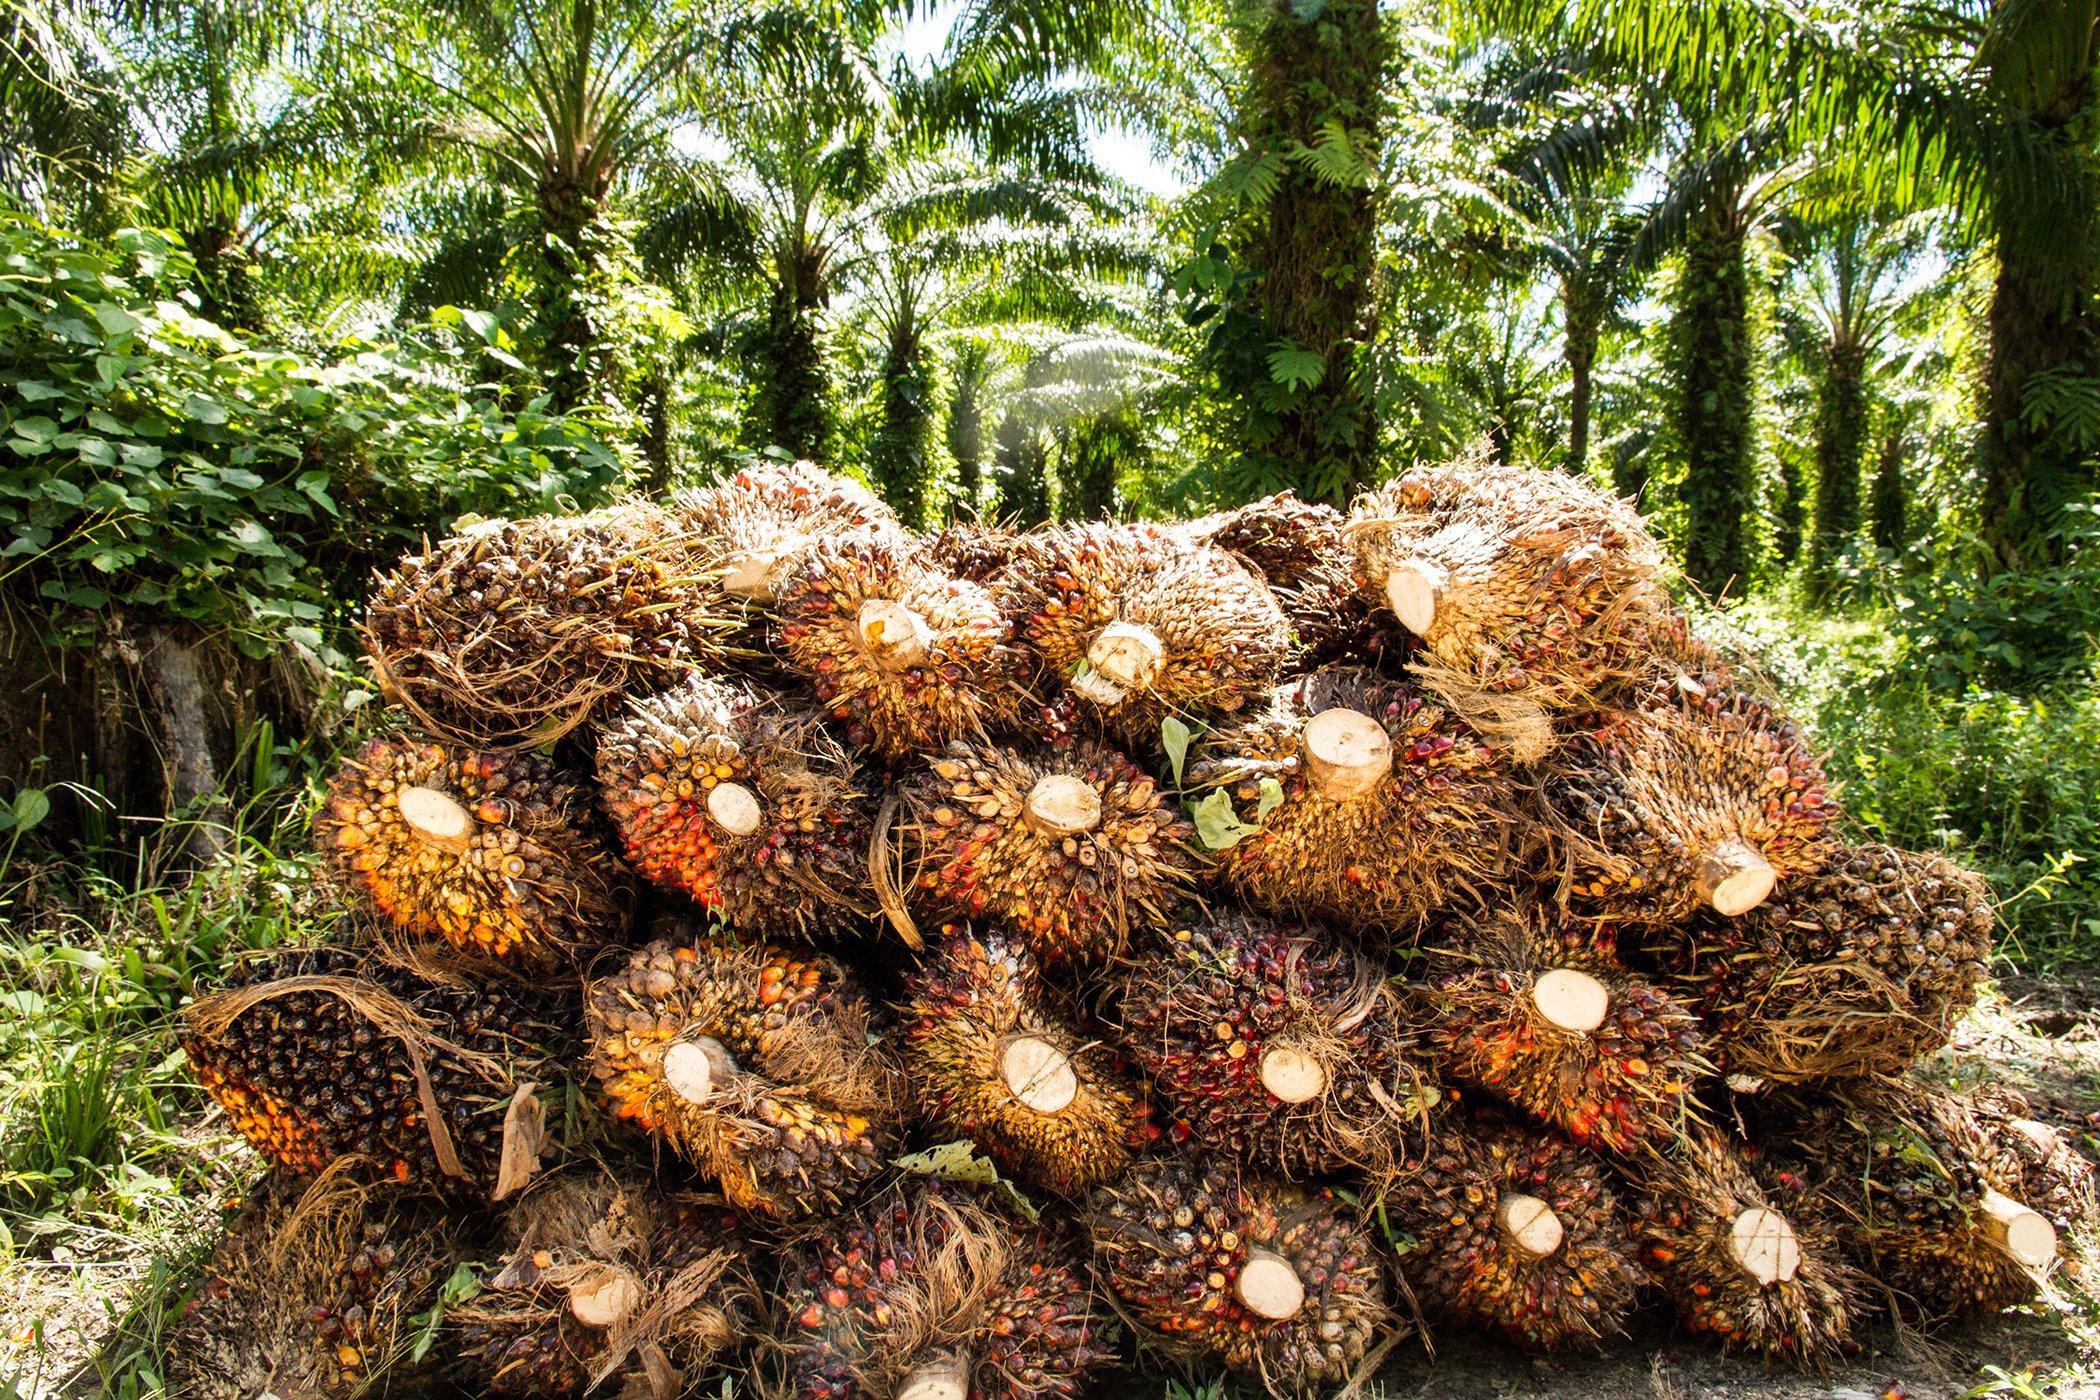 Palm-Oil-Explainer-Environmental-Impact-002.jpg